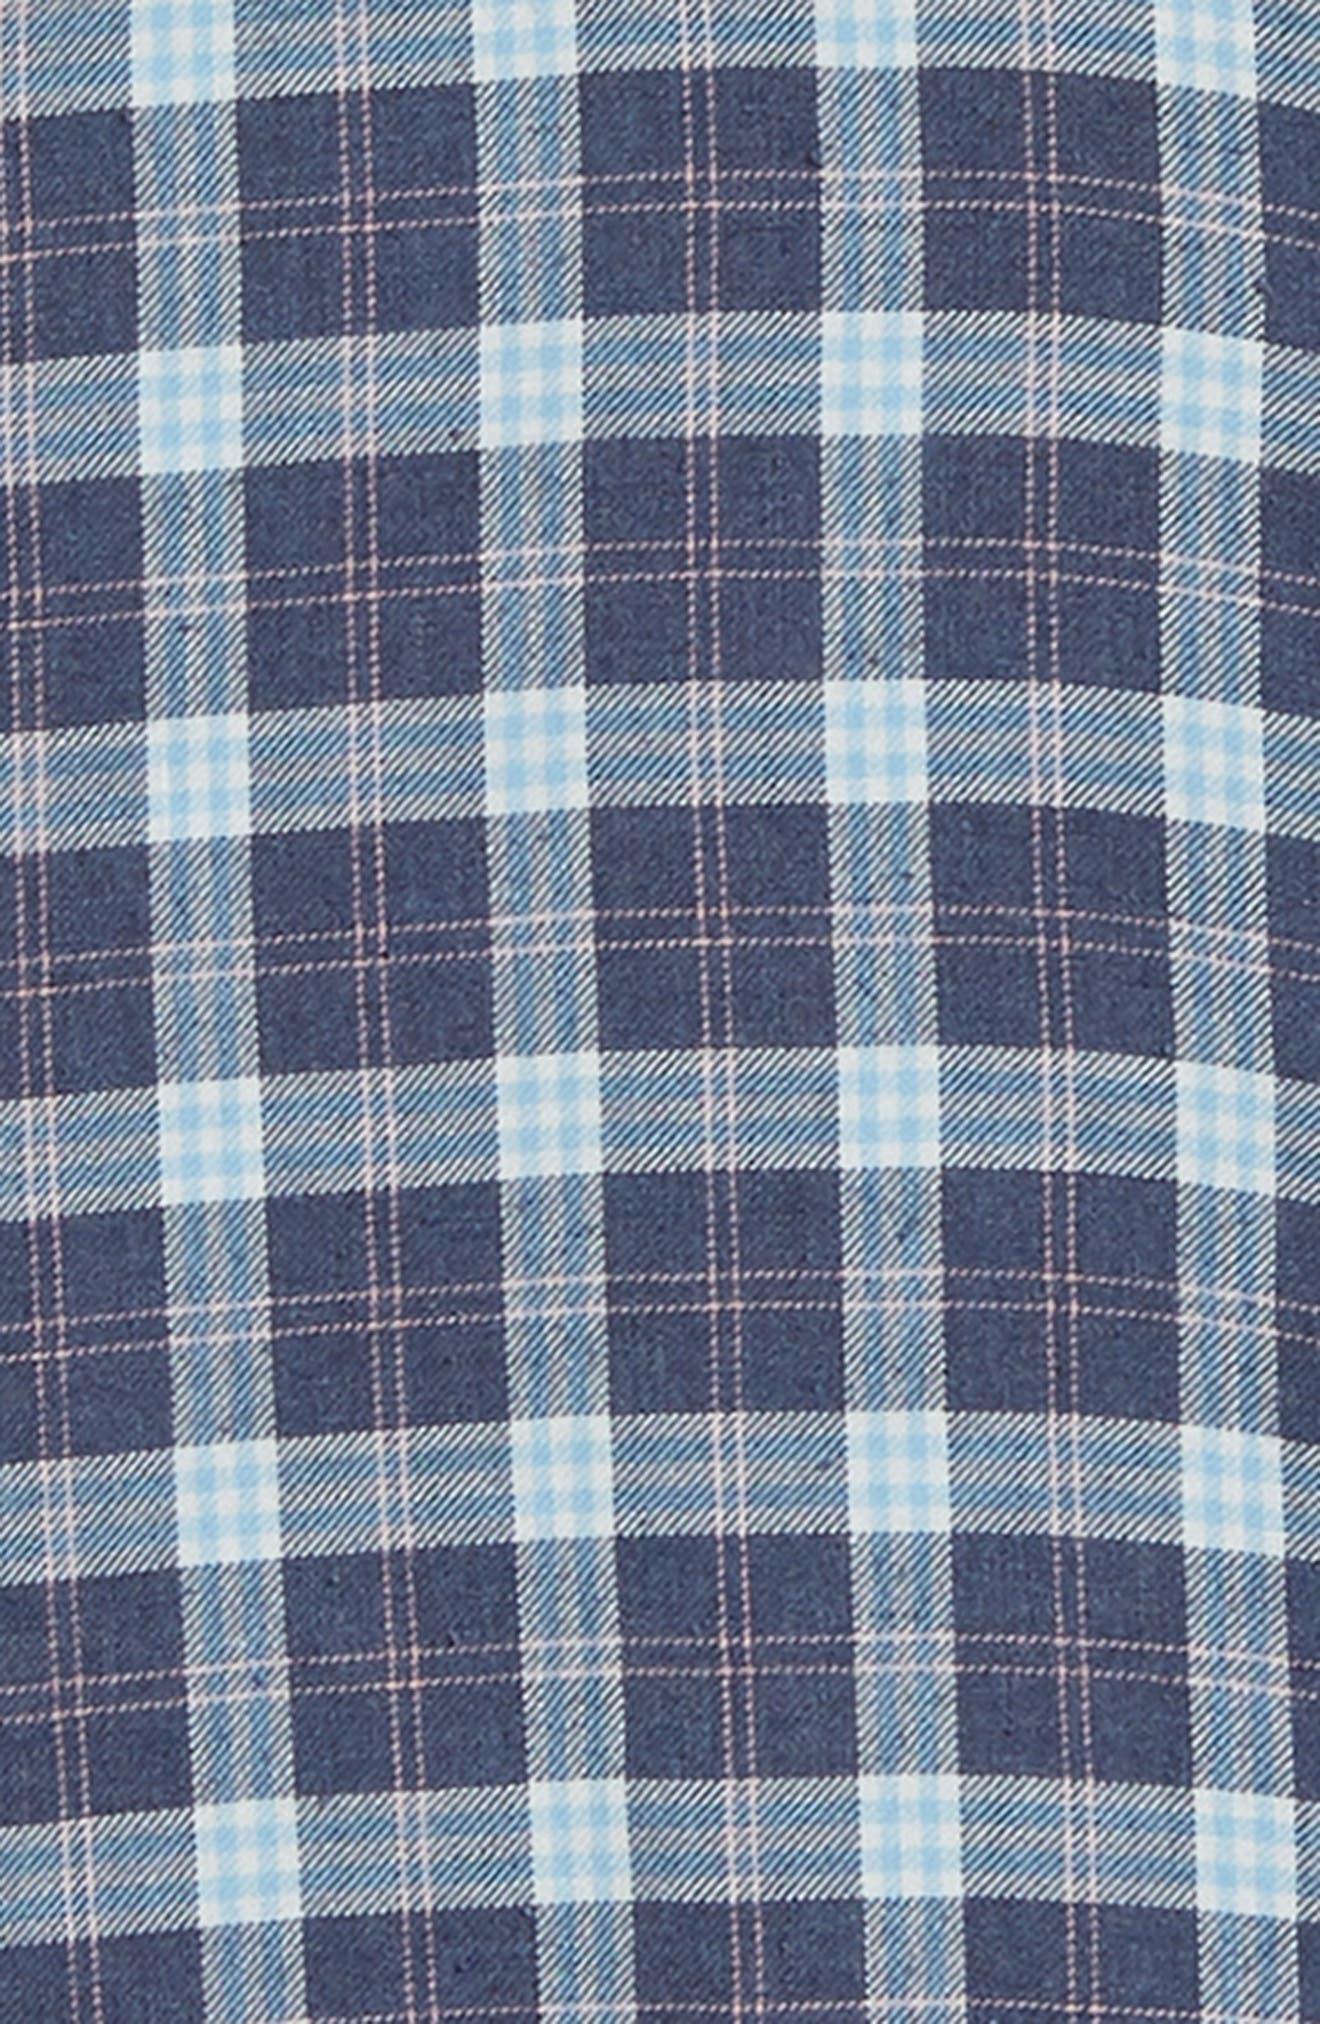 Brushed Alpine Regular Fit Flannel Shirt,                             Alternate thumbnail 6, color,                             INDIGO BLUE CORAL